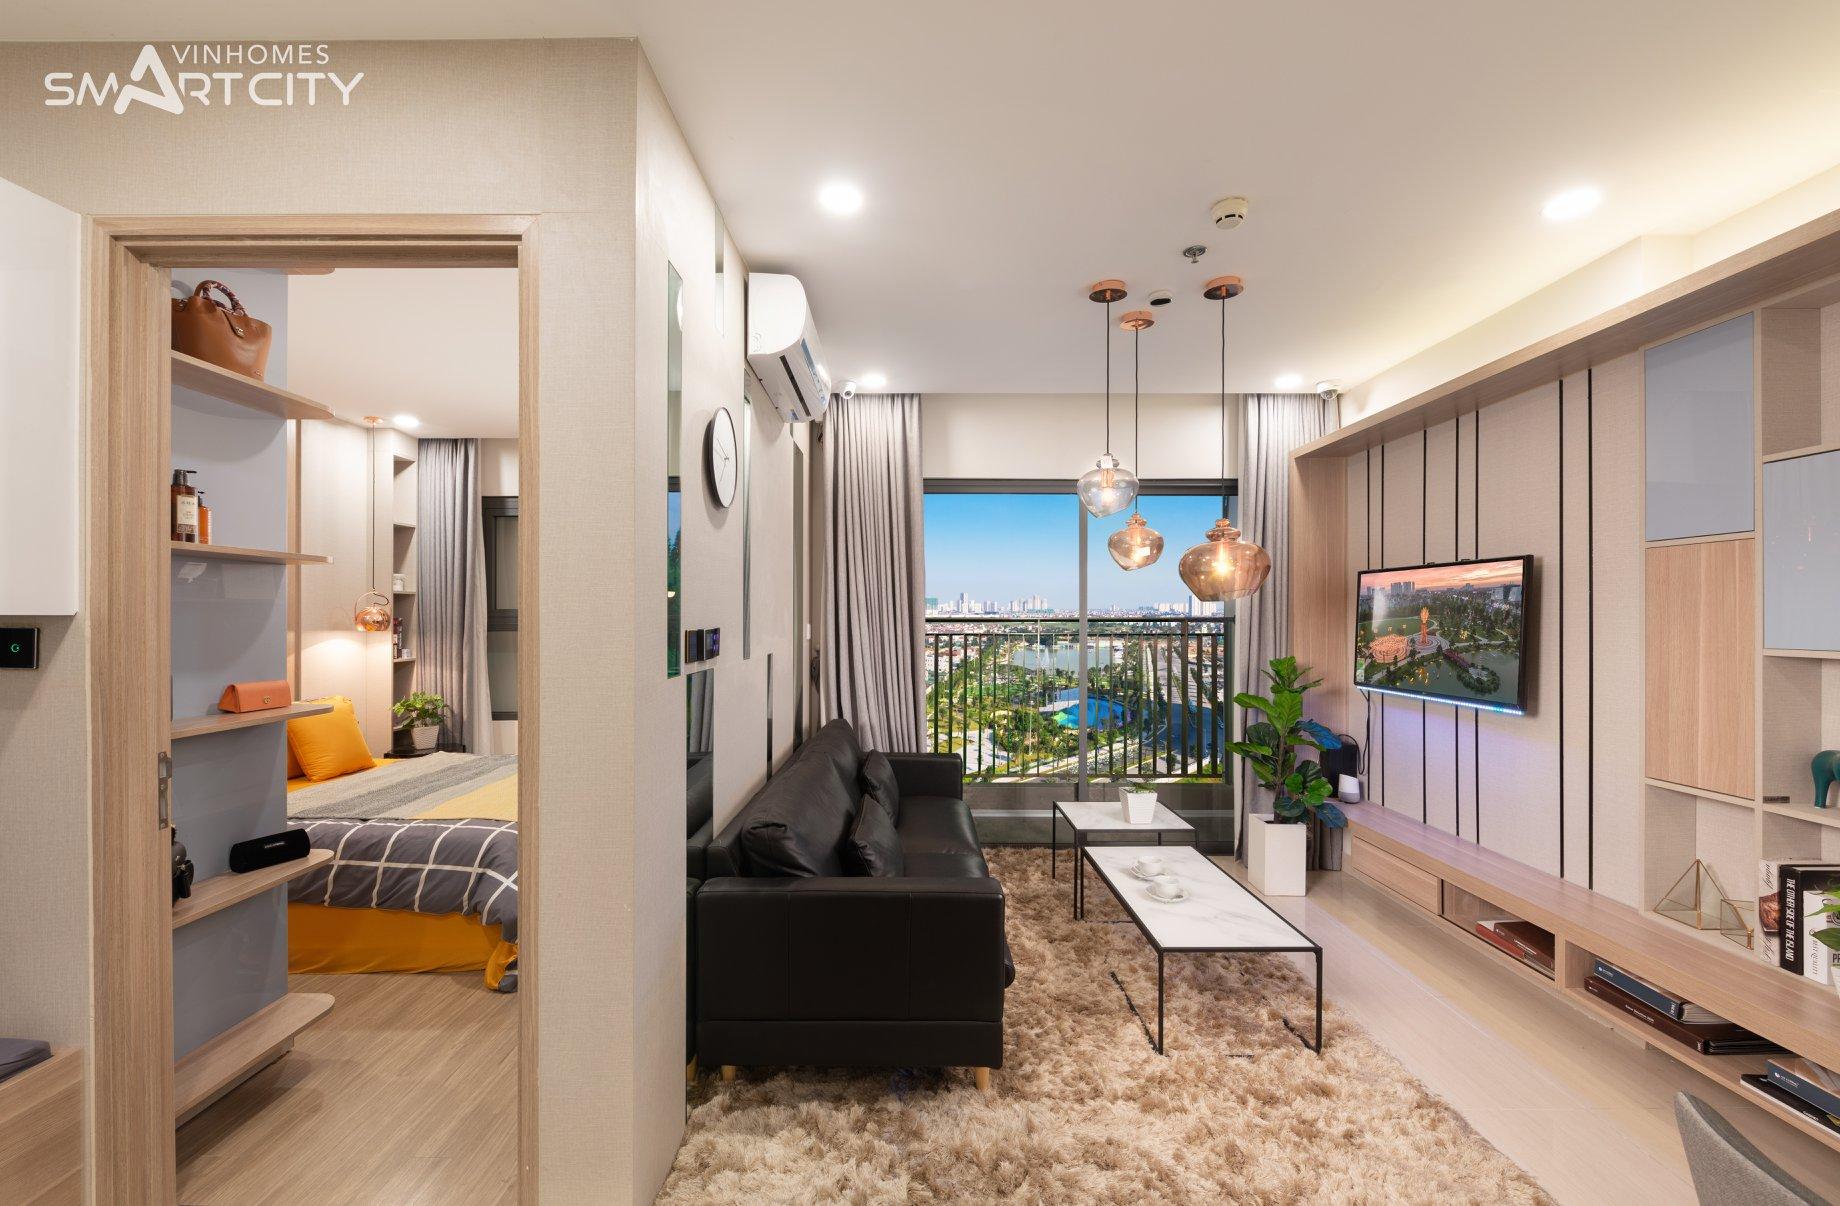 Căn hộ 1 phòng ngủ Vinhomes Smart City đẹp giá tốt - Ngô Quốc Dũng